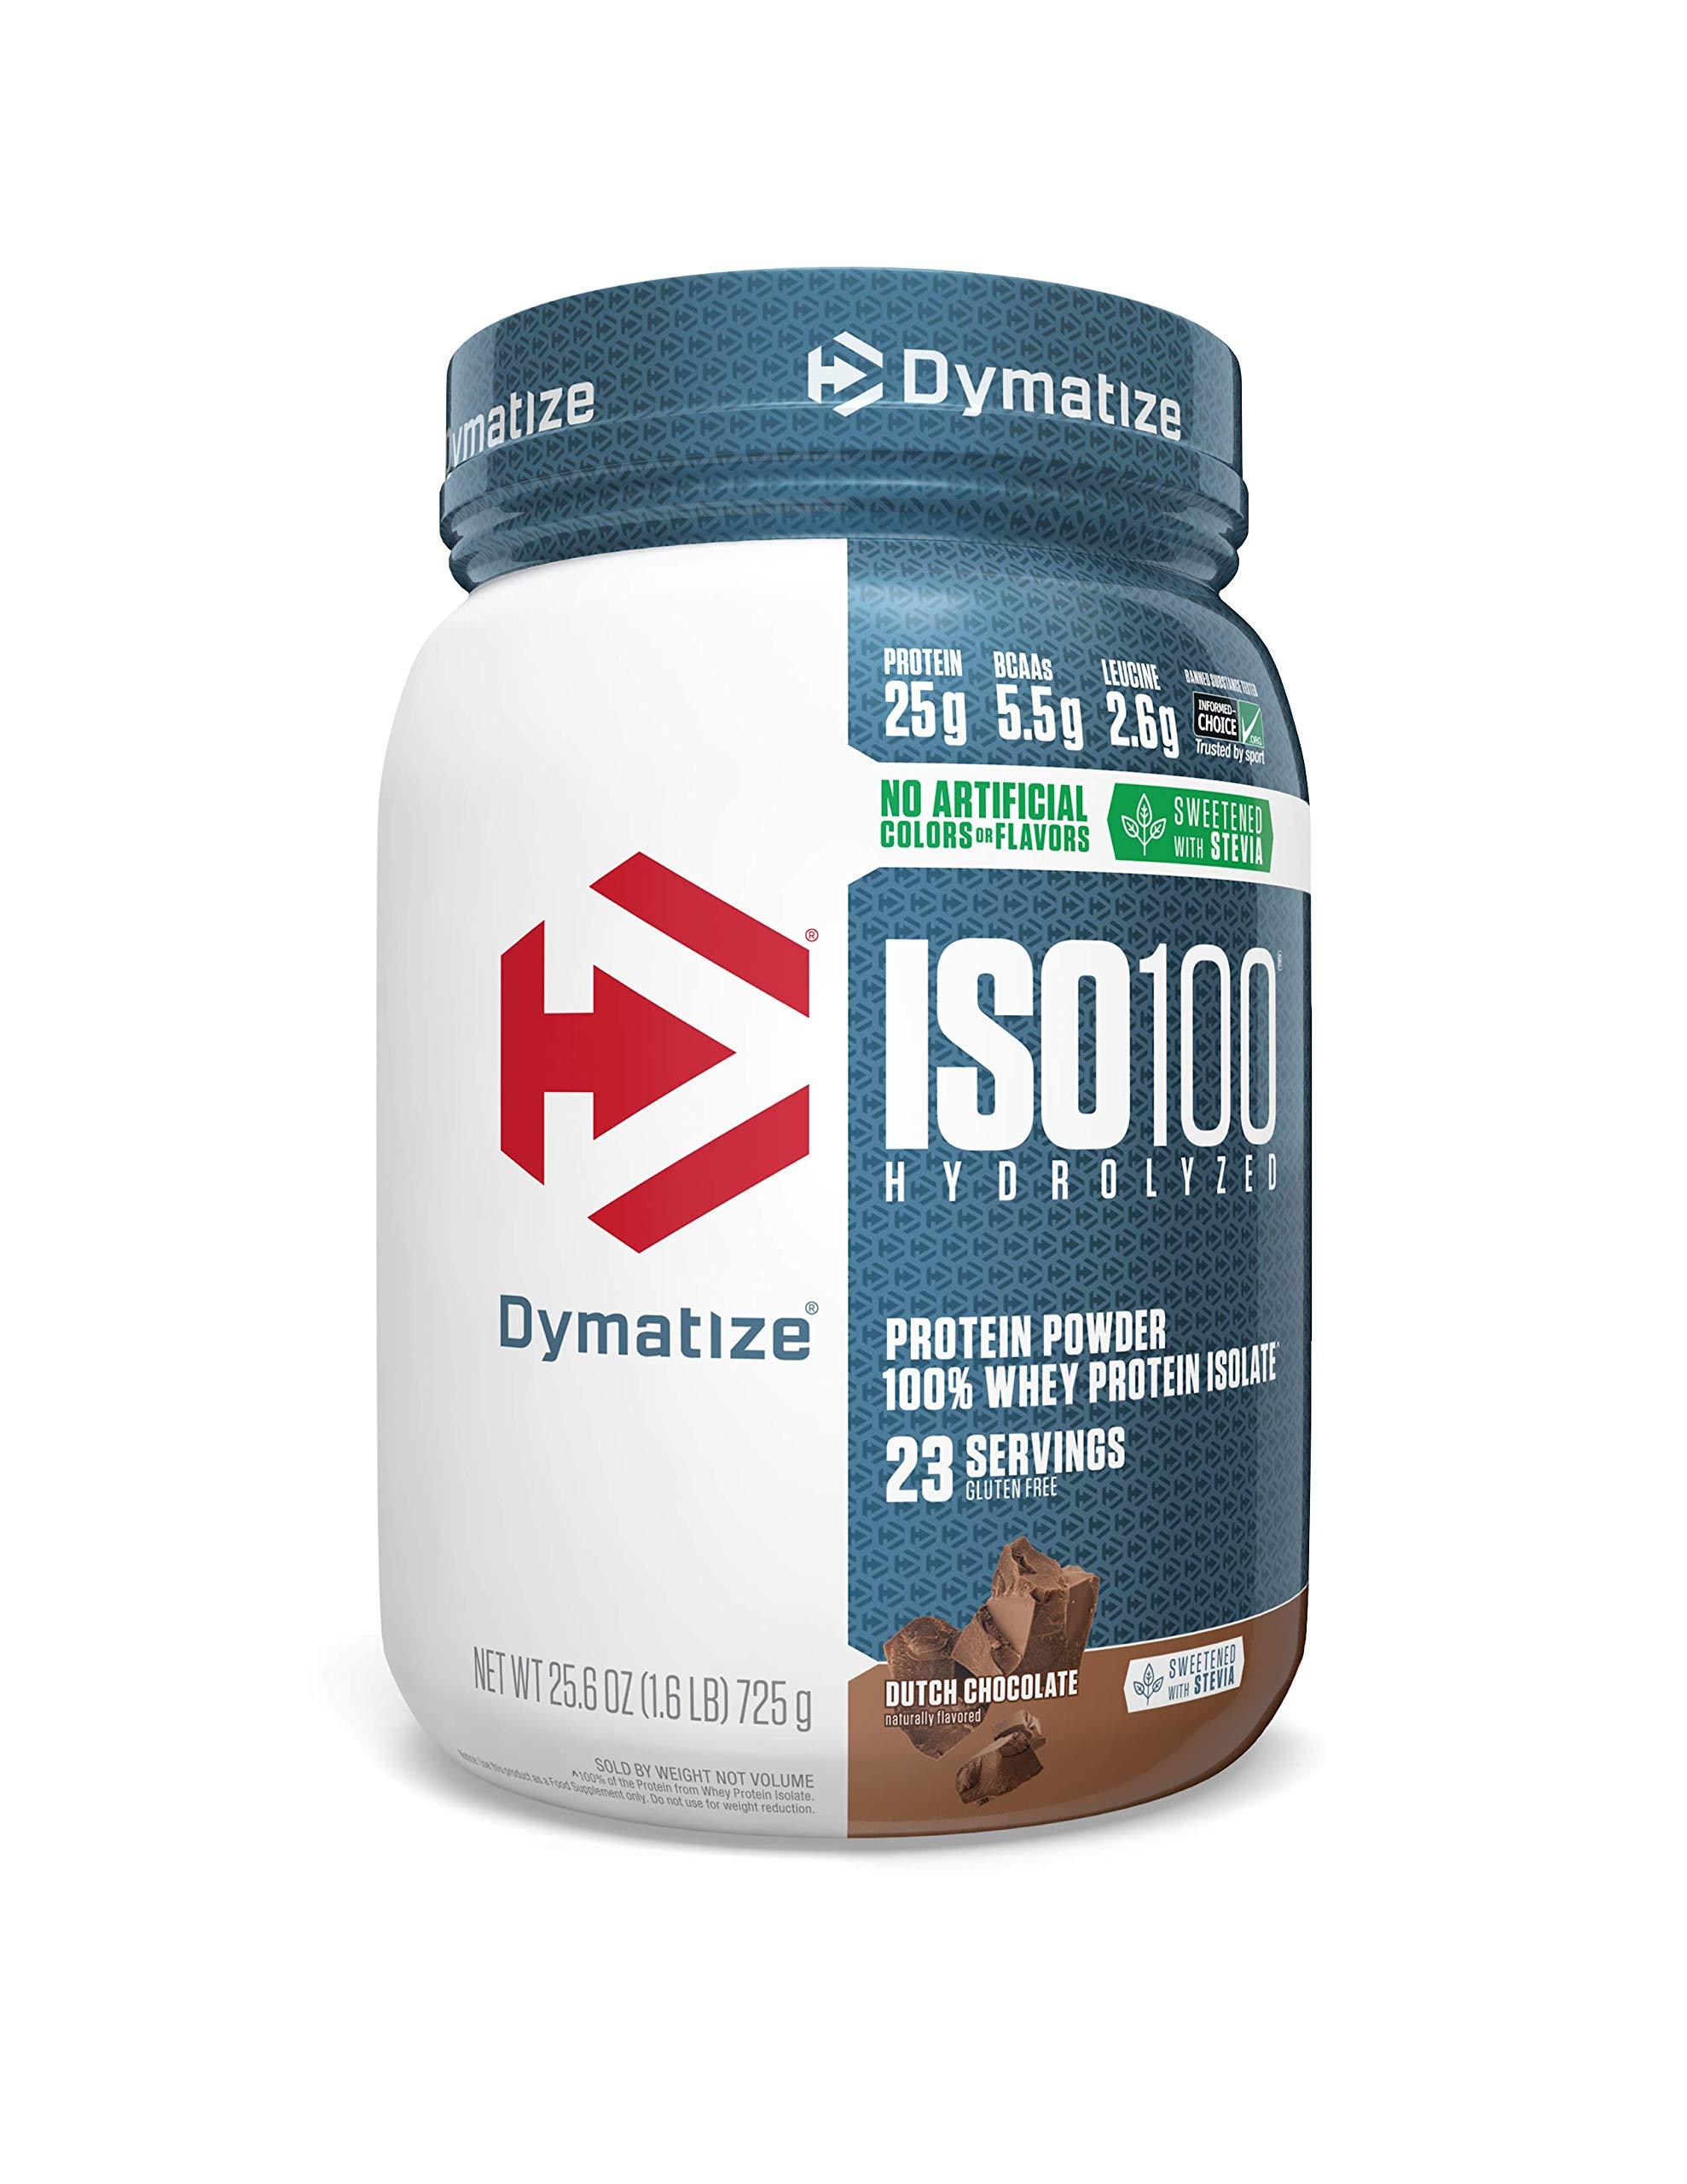 Dymatize ISO 100 Whey Protein Powder with 25g of Hydrolyzed, Chocolate, 1.6 Pound , 25.6 Oz